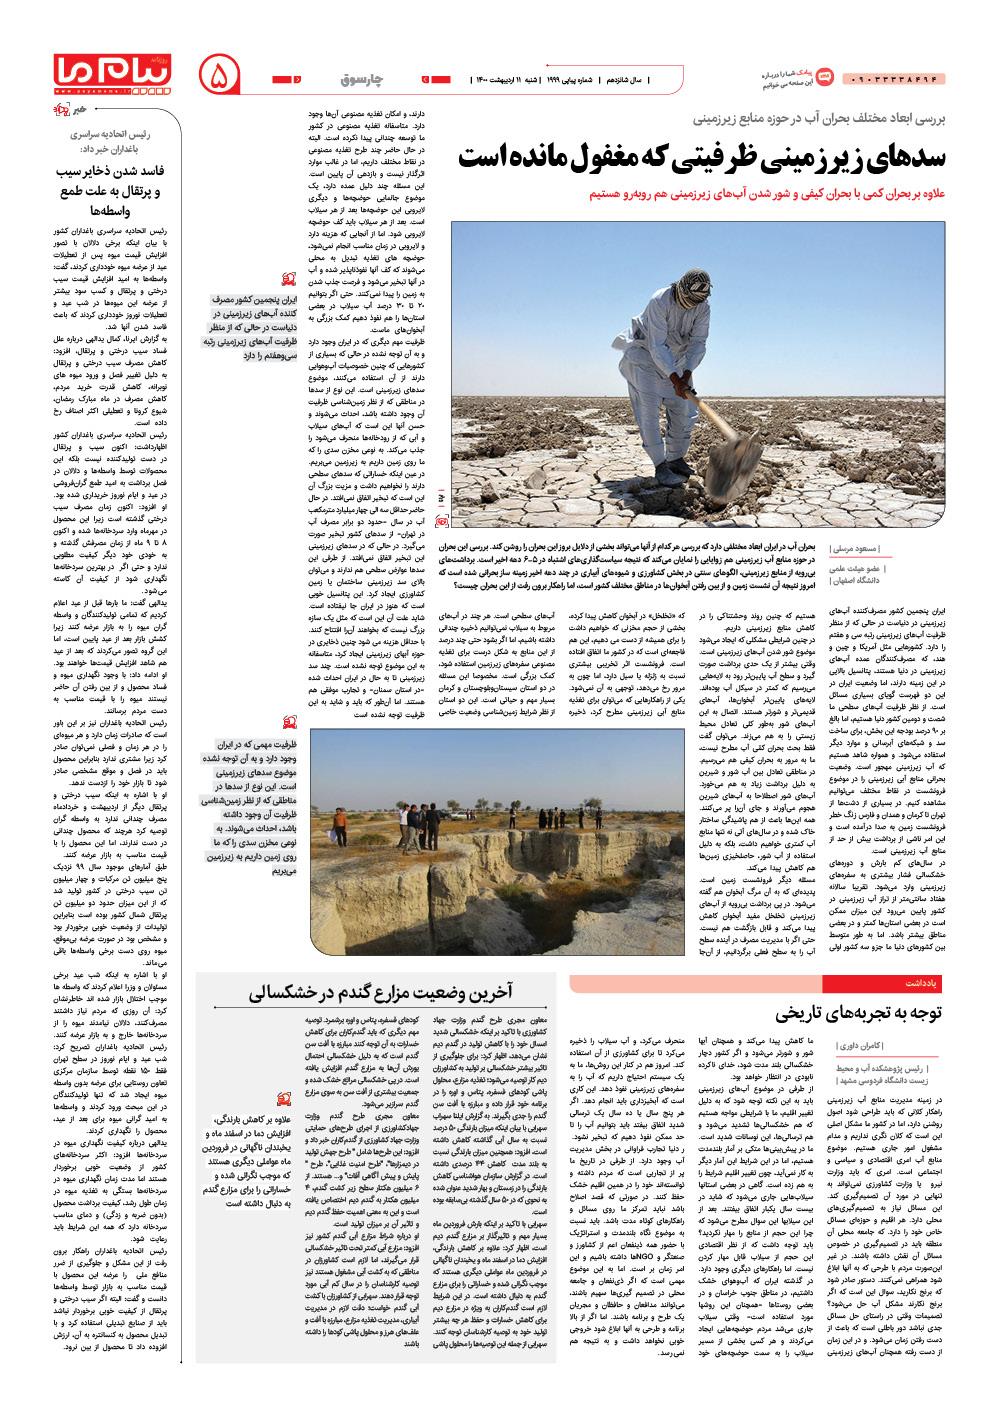 صفحه چارسوق شماره ۱۹۹۹ روزنامه پیام ما